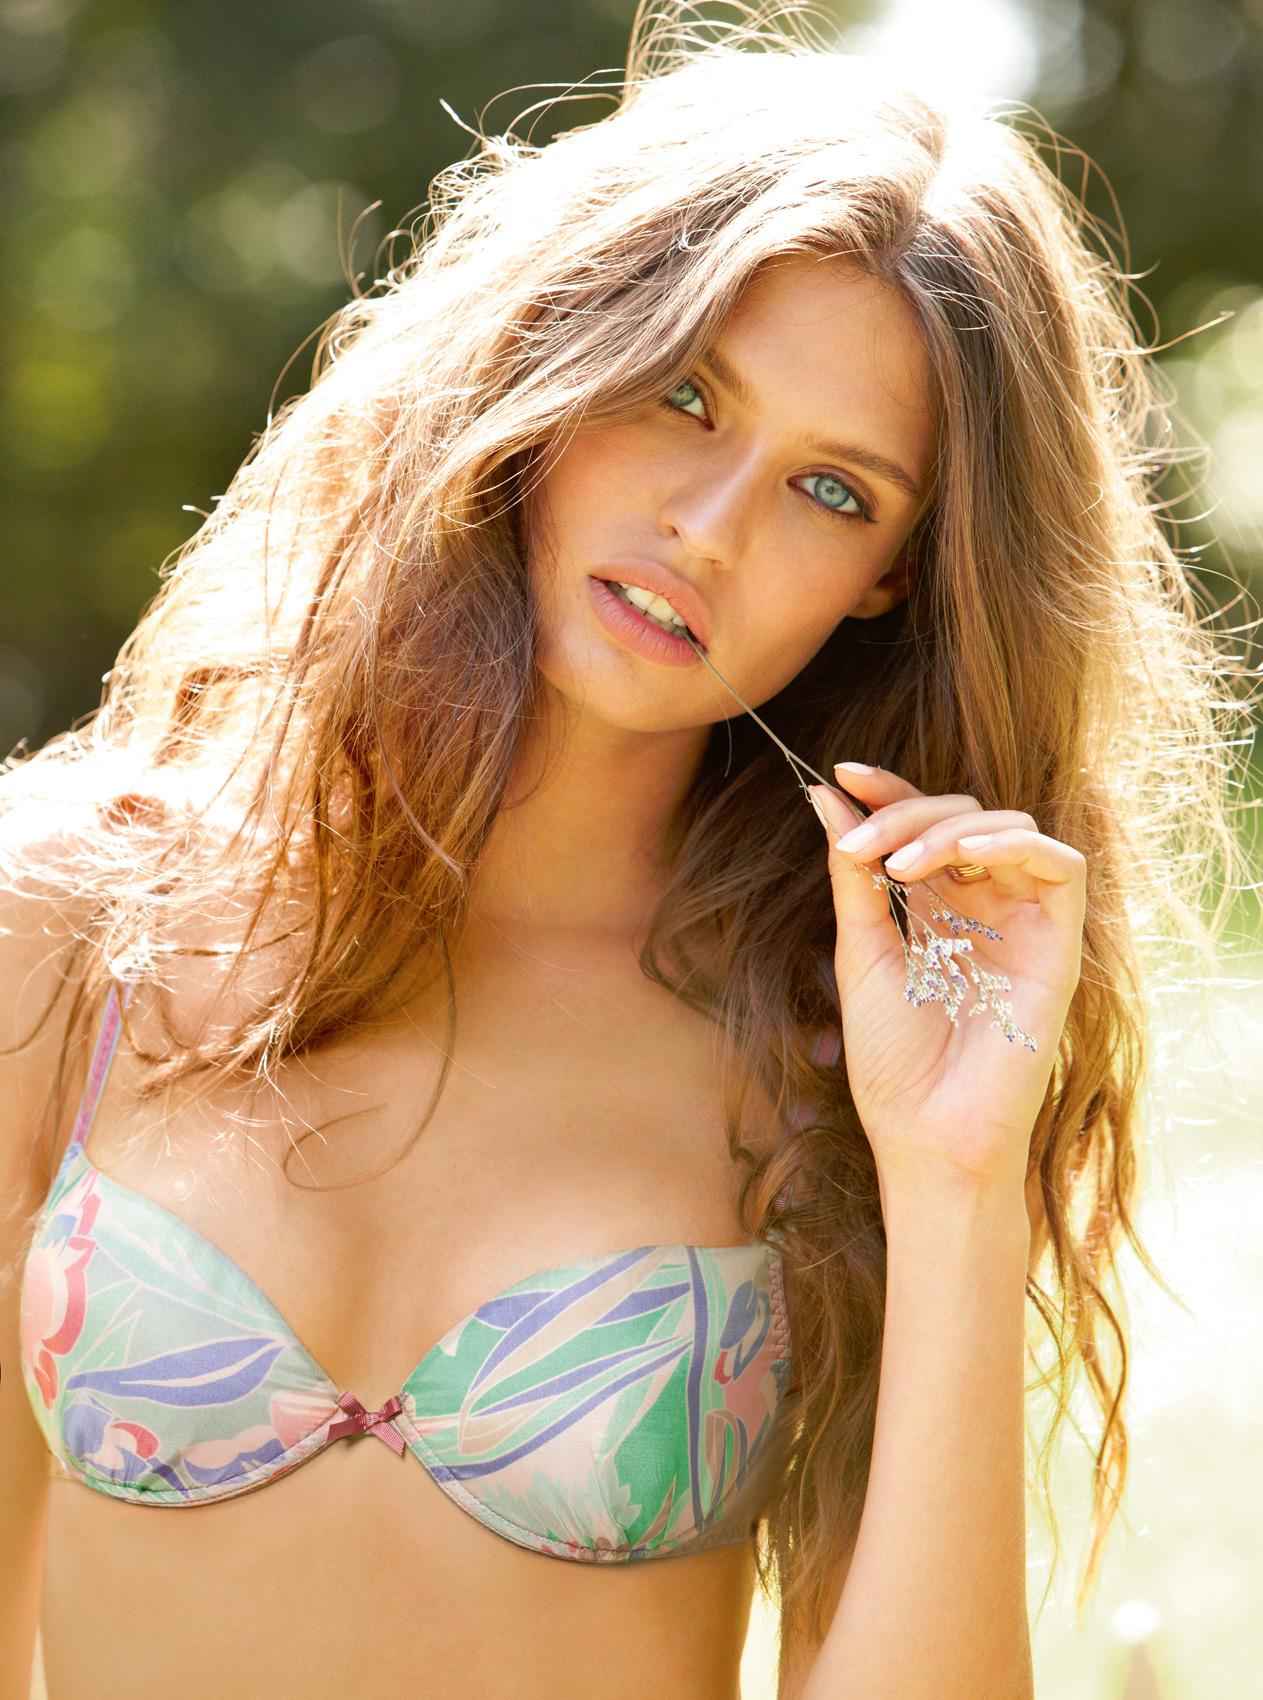 Bianca Balti - Page 269 - Fashion Models - Bellazon